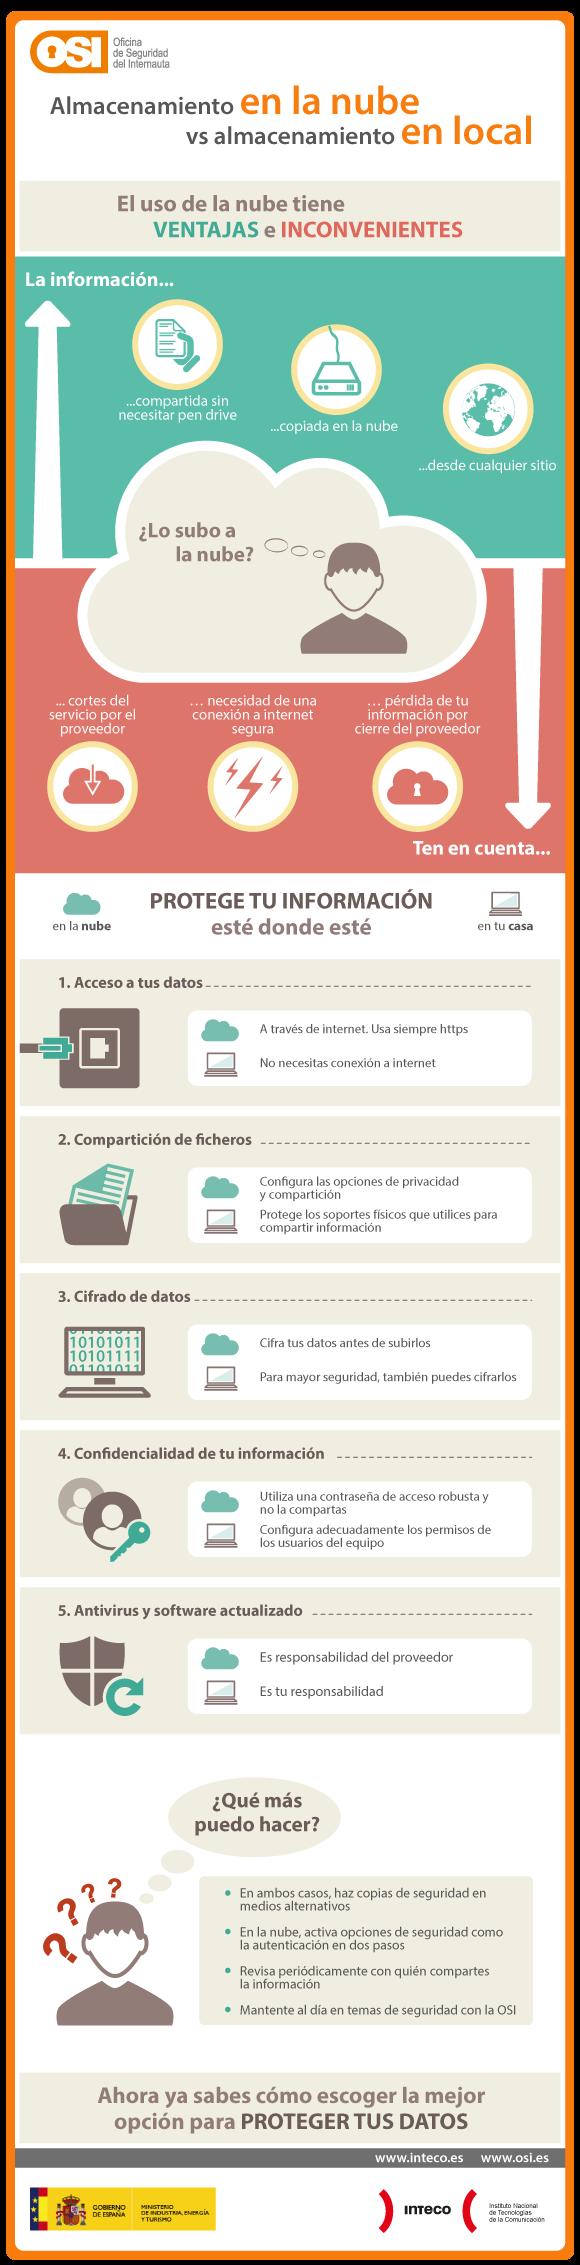 infografia-post-almacenamiento-en-la-nube